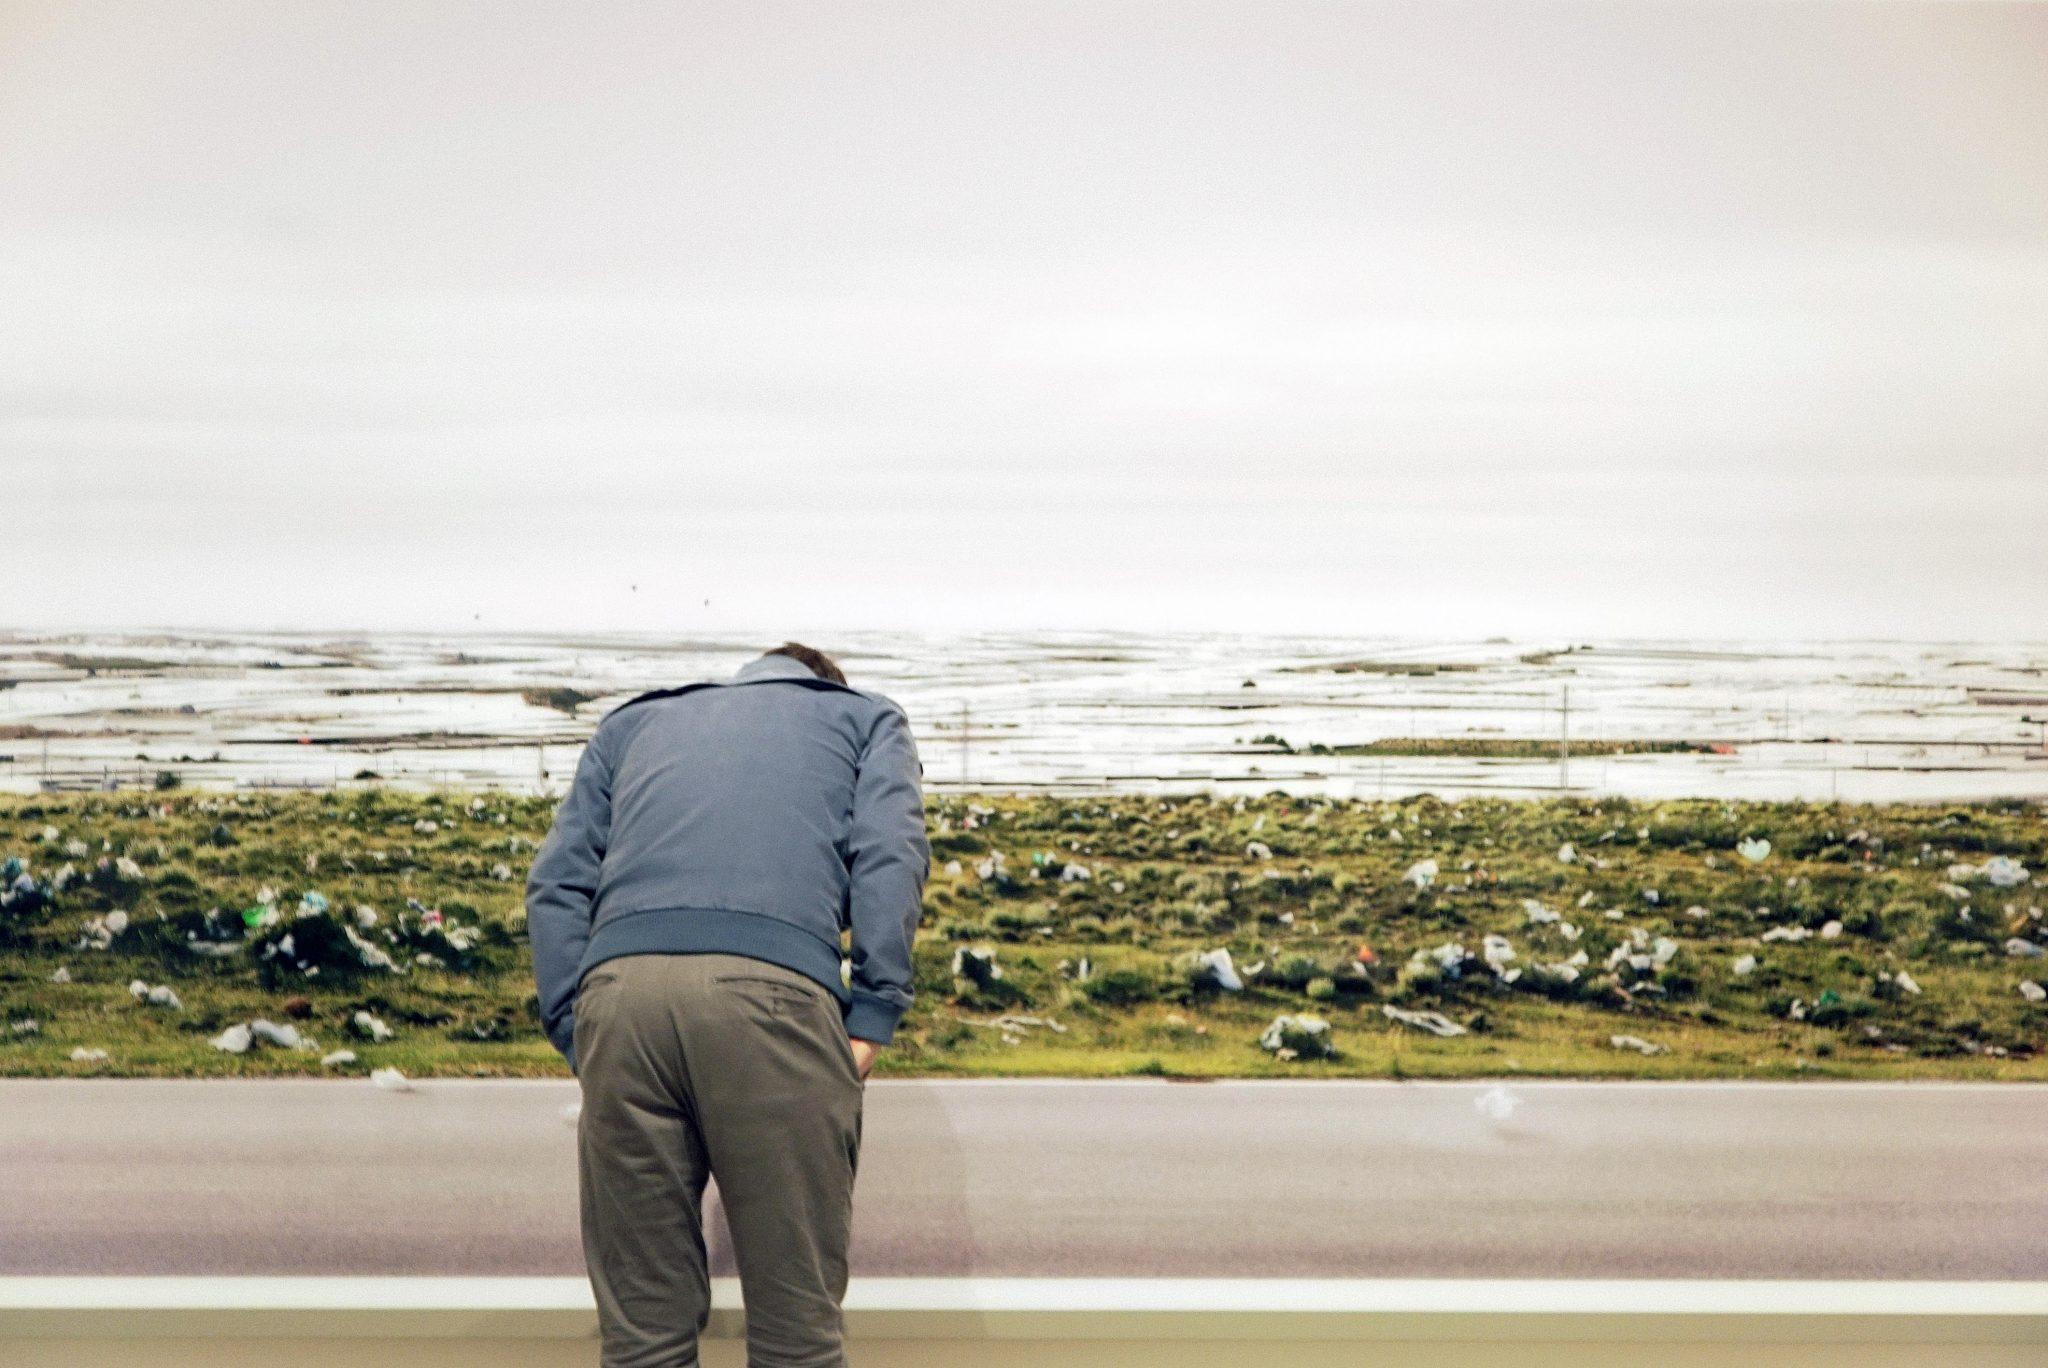 La più grande retrospettiva su Andreas Gursky a Londra. Le immagini